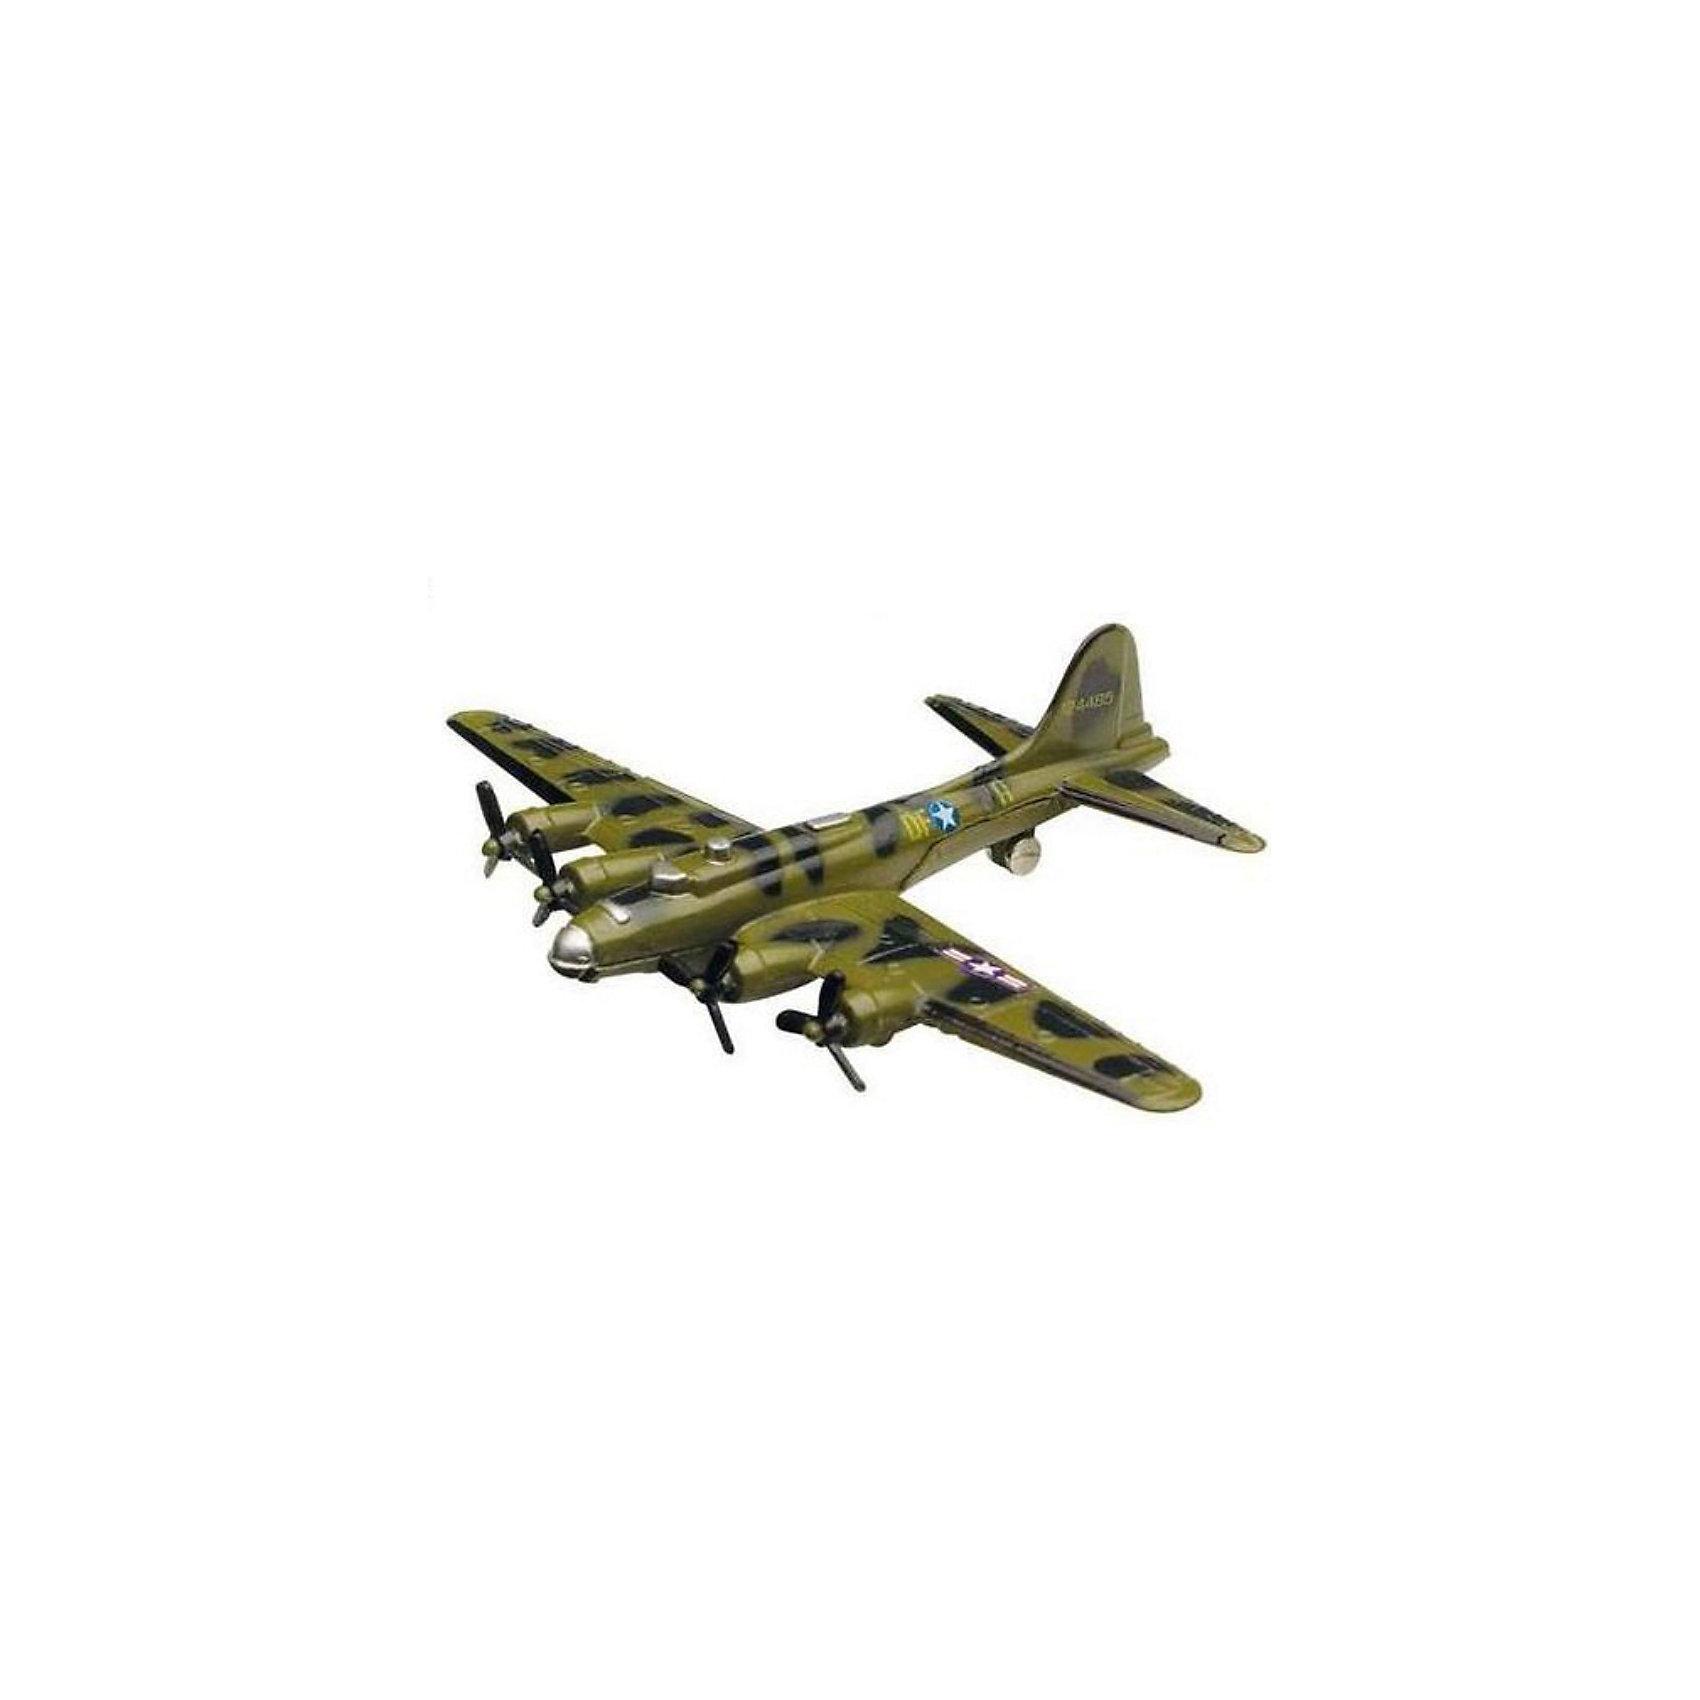 """Cамолет Boeing B-17,  MotormaxВоенный транспорт<br>Cамолет Boeing B-17,  Motormax (Мотормакс) – это отличное пополнение коллекции авиационной техники.<br>Коллекционная игрушка самолет Boeing B-17 Flying Fortress от компании Motormax (Мотормакс) в точности повторяет контуры американского тяжелого бомбардировщика, чем вызовет неподдельный интерес, как у ребенка, так и взрослого коллекционера. Этот самолет, прозванный """"Летающей крепостью"""", стал первым серийным цельнометаллическим бомбардировщиком ВВС США. В СССР самолет не поставлялся, однако к концу войны советские летчики использовали около 20 таких самолетов. Модель максимально приближена к своему прототипу. По сути это уменьшенная копия настоящего самолета, сохранившая его пропорции и узнаваемые элементы. Стоит также отметить хорошую для таких размеров детализацию. Модель самолета изготовлена из прочного и качественного пластика, поэтому может использоваться и для обычной игры.<br><br>Дополнительная информация:<br><br>- Длина самолета: 9 см.<br>- Материал: пластик<br><br>Cамолет Boeing B-17,  Motormax (Мотормакс) можно купить в нашем интернет-магазине.<br><br>Ширина мм: 127<br>Глубина мм: 30<br>Высота мм: 178<br>Вес г: 80<br>Возраст от месяцев: 36<br>Возраст до месяцев: 168<br>Пол: Мужской<br>Возраст: Детский<br>SKU: 3839000"""